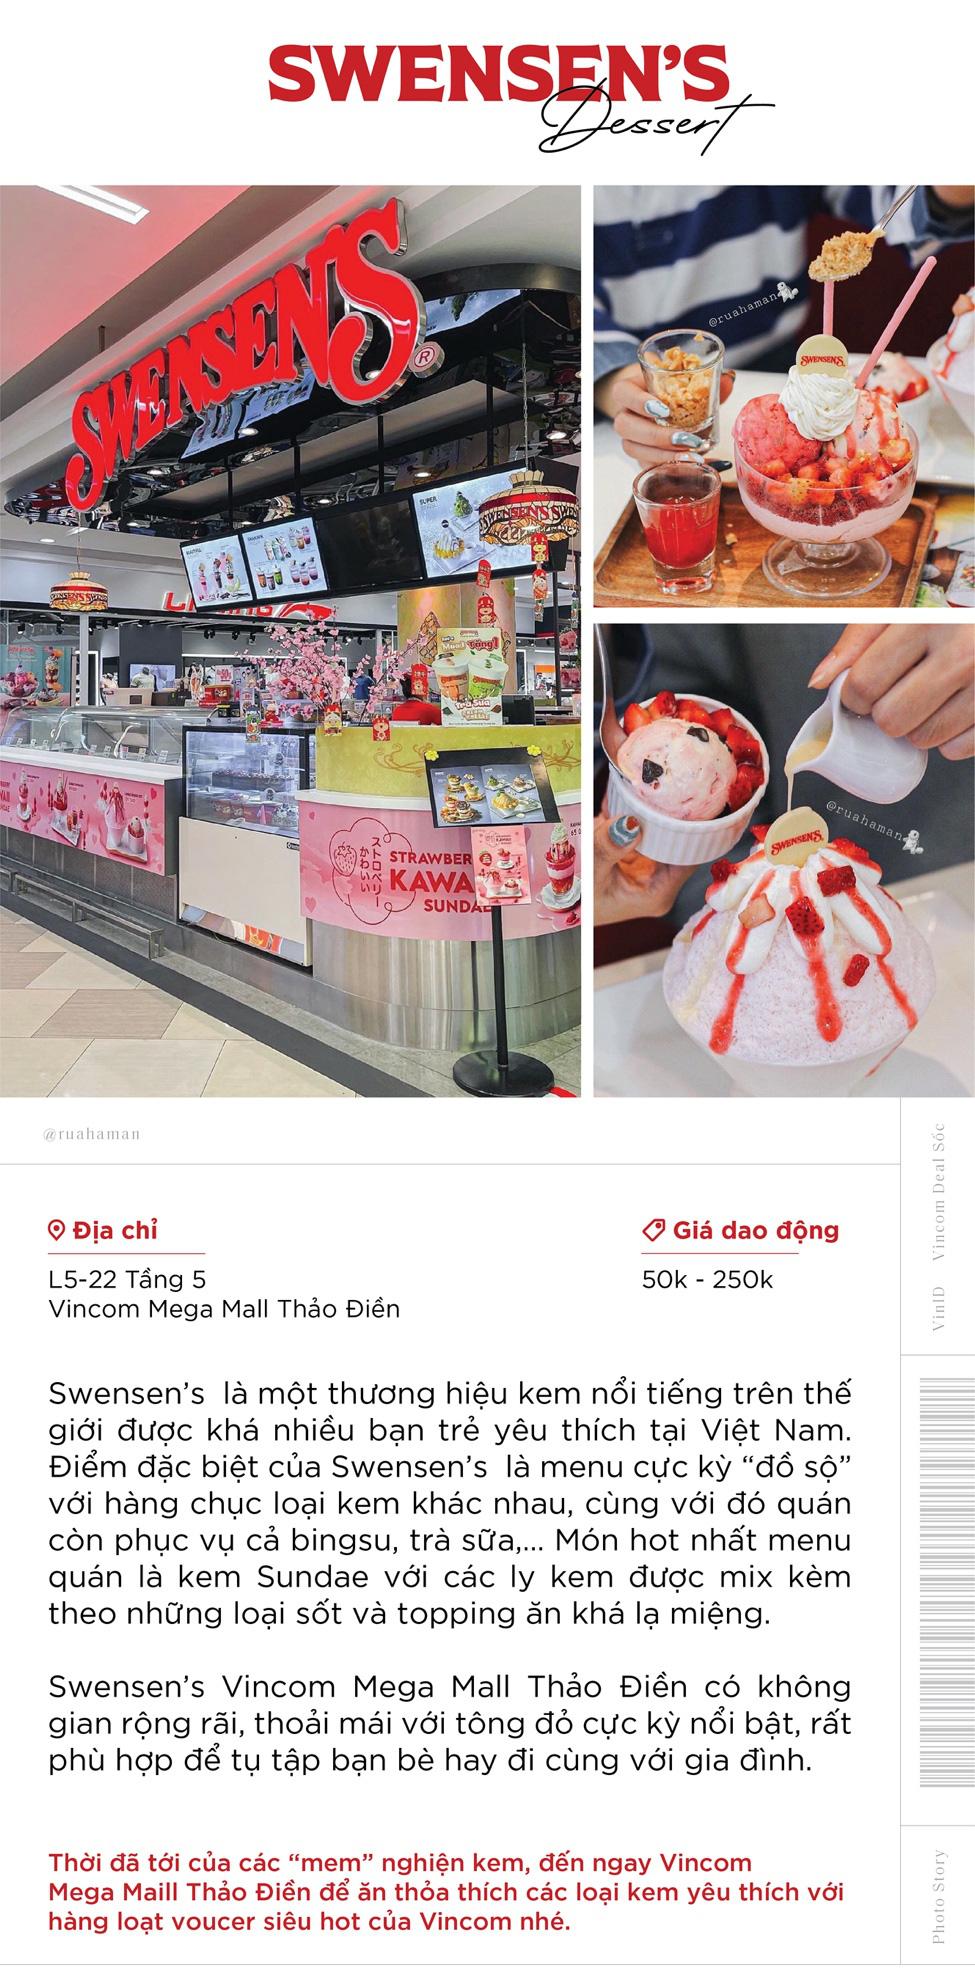 Sài Gòn nóng quá: Ghim ngay 5 địa điểm cho team hảo ngọt ăn bánh uống trà với giá cực hạ nhiệt trong dịp nghỉ lễ - Ảnh 2.